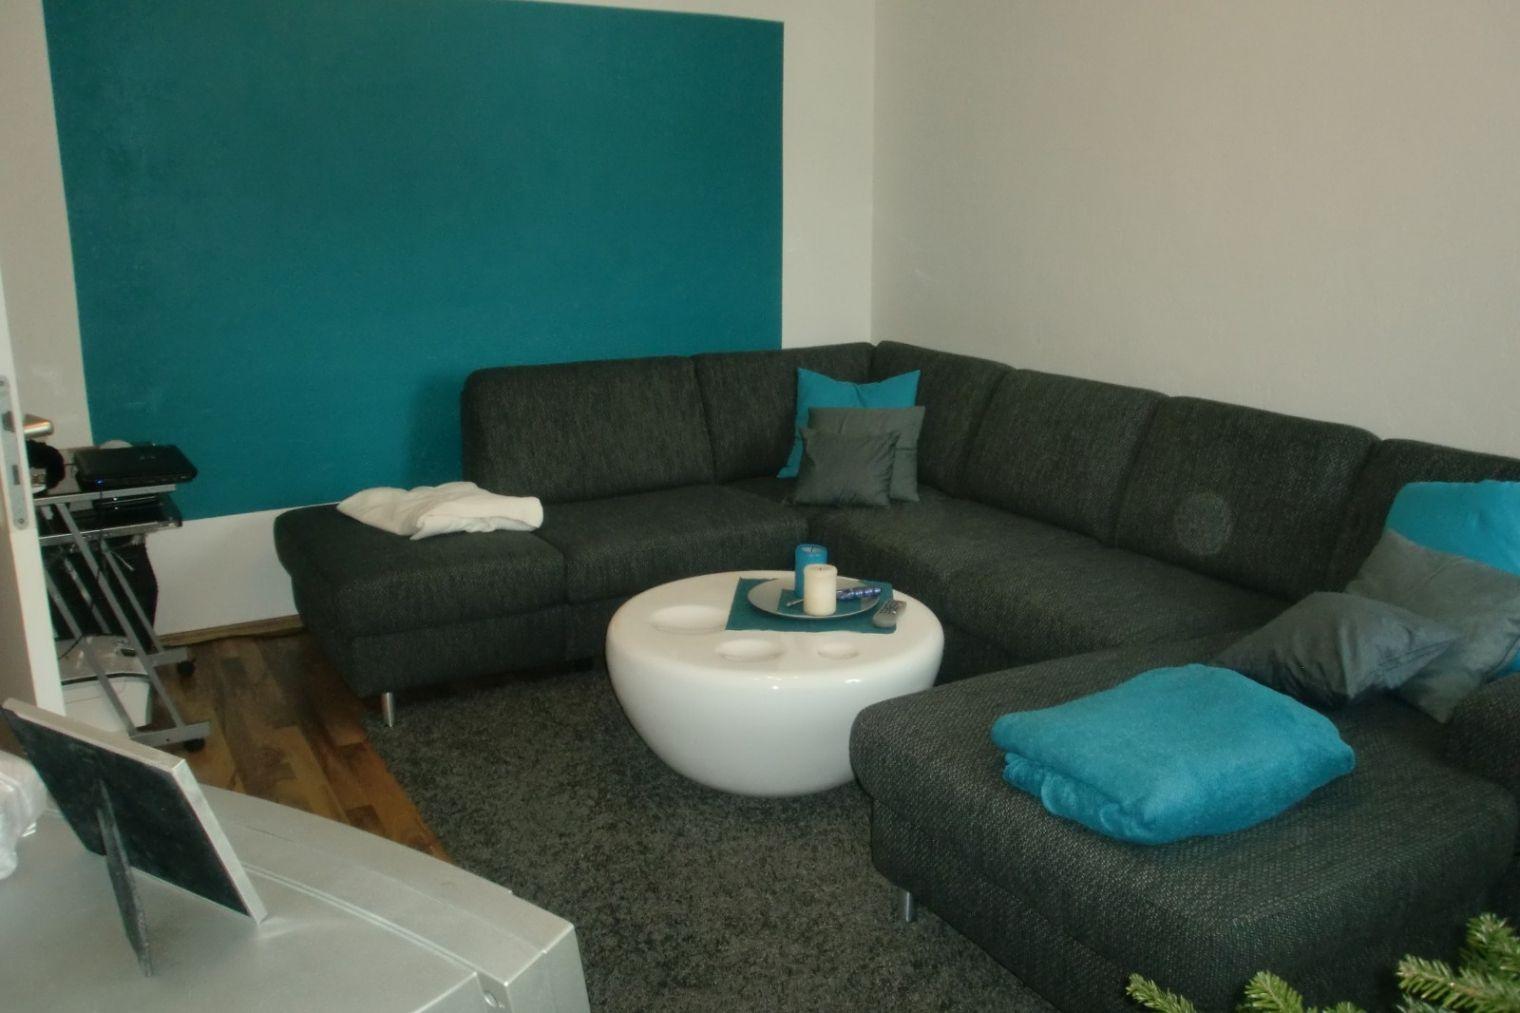 Wunderschöne Wohnzimmer Deko Grau Türkis Wohnzimmer Couch In